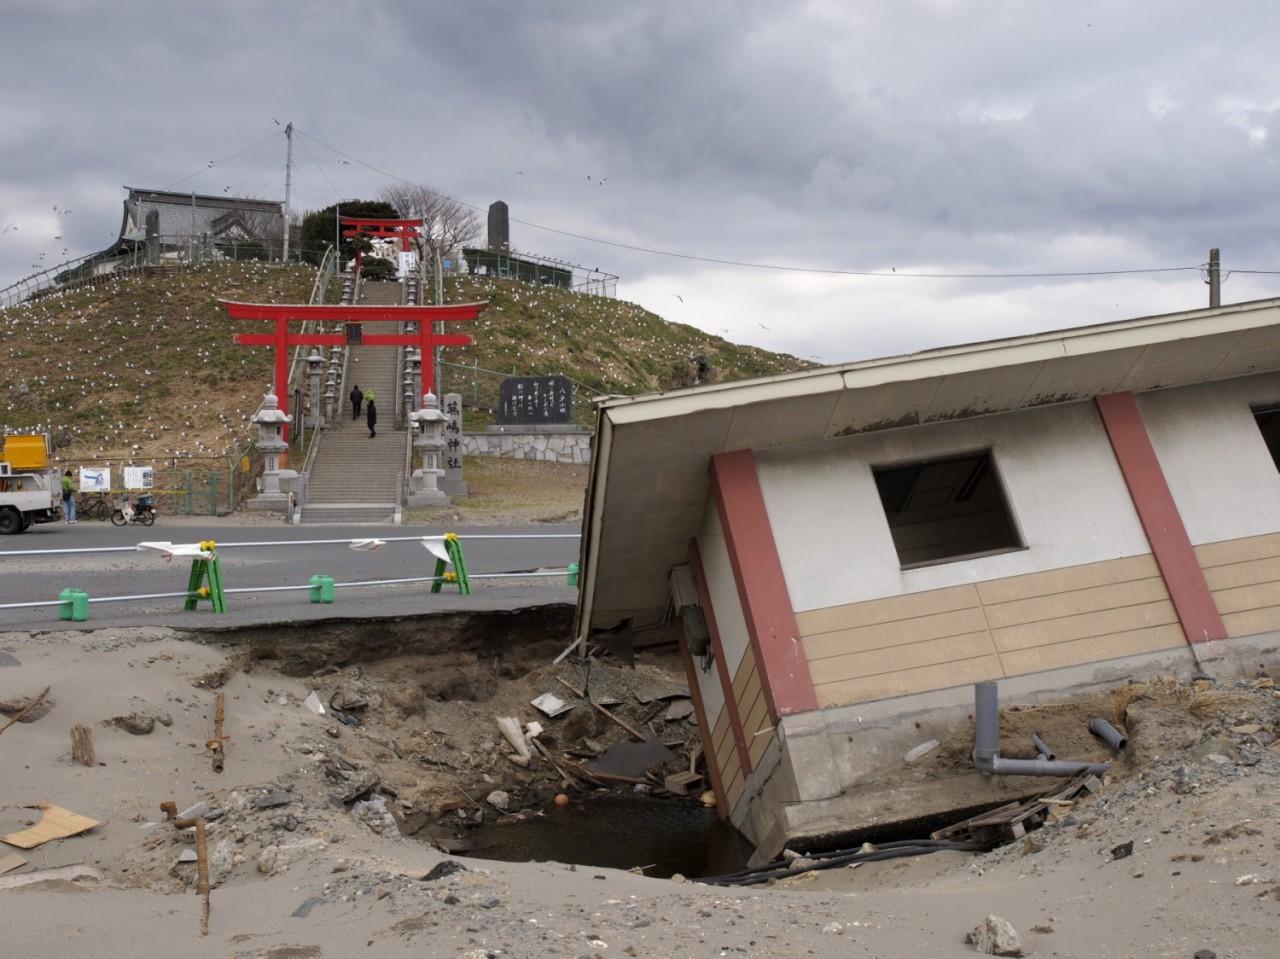 ウミネコの繁殖地として有名な蕪島前のトイレ棟が陥没